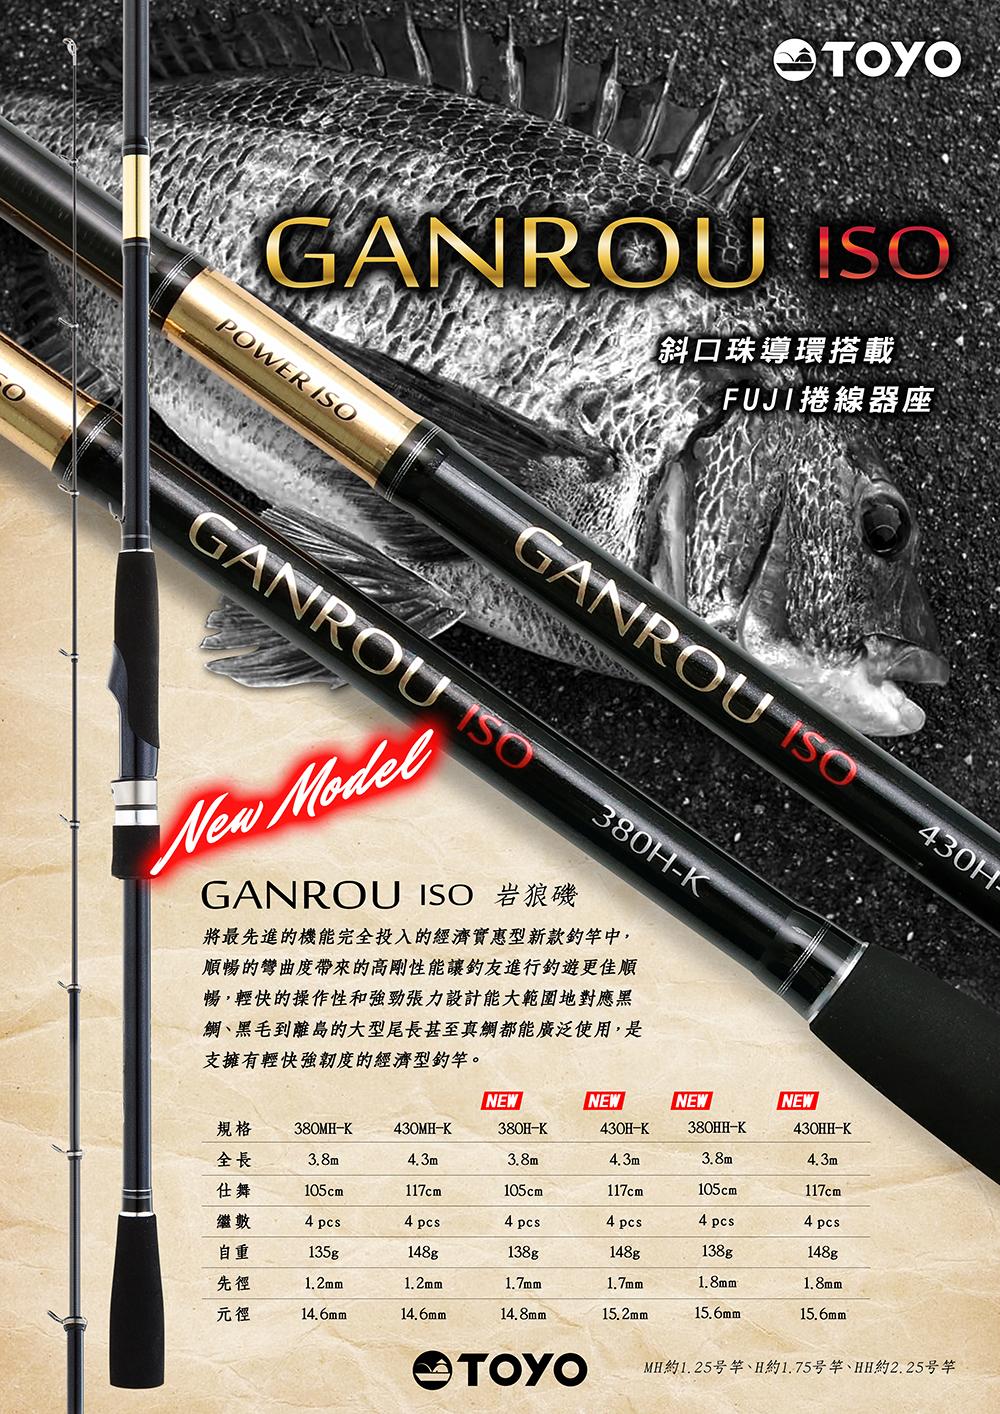 TOYO GANROU ISO 岩狼磯 (追加規格) 1000